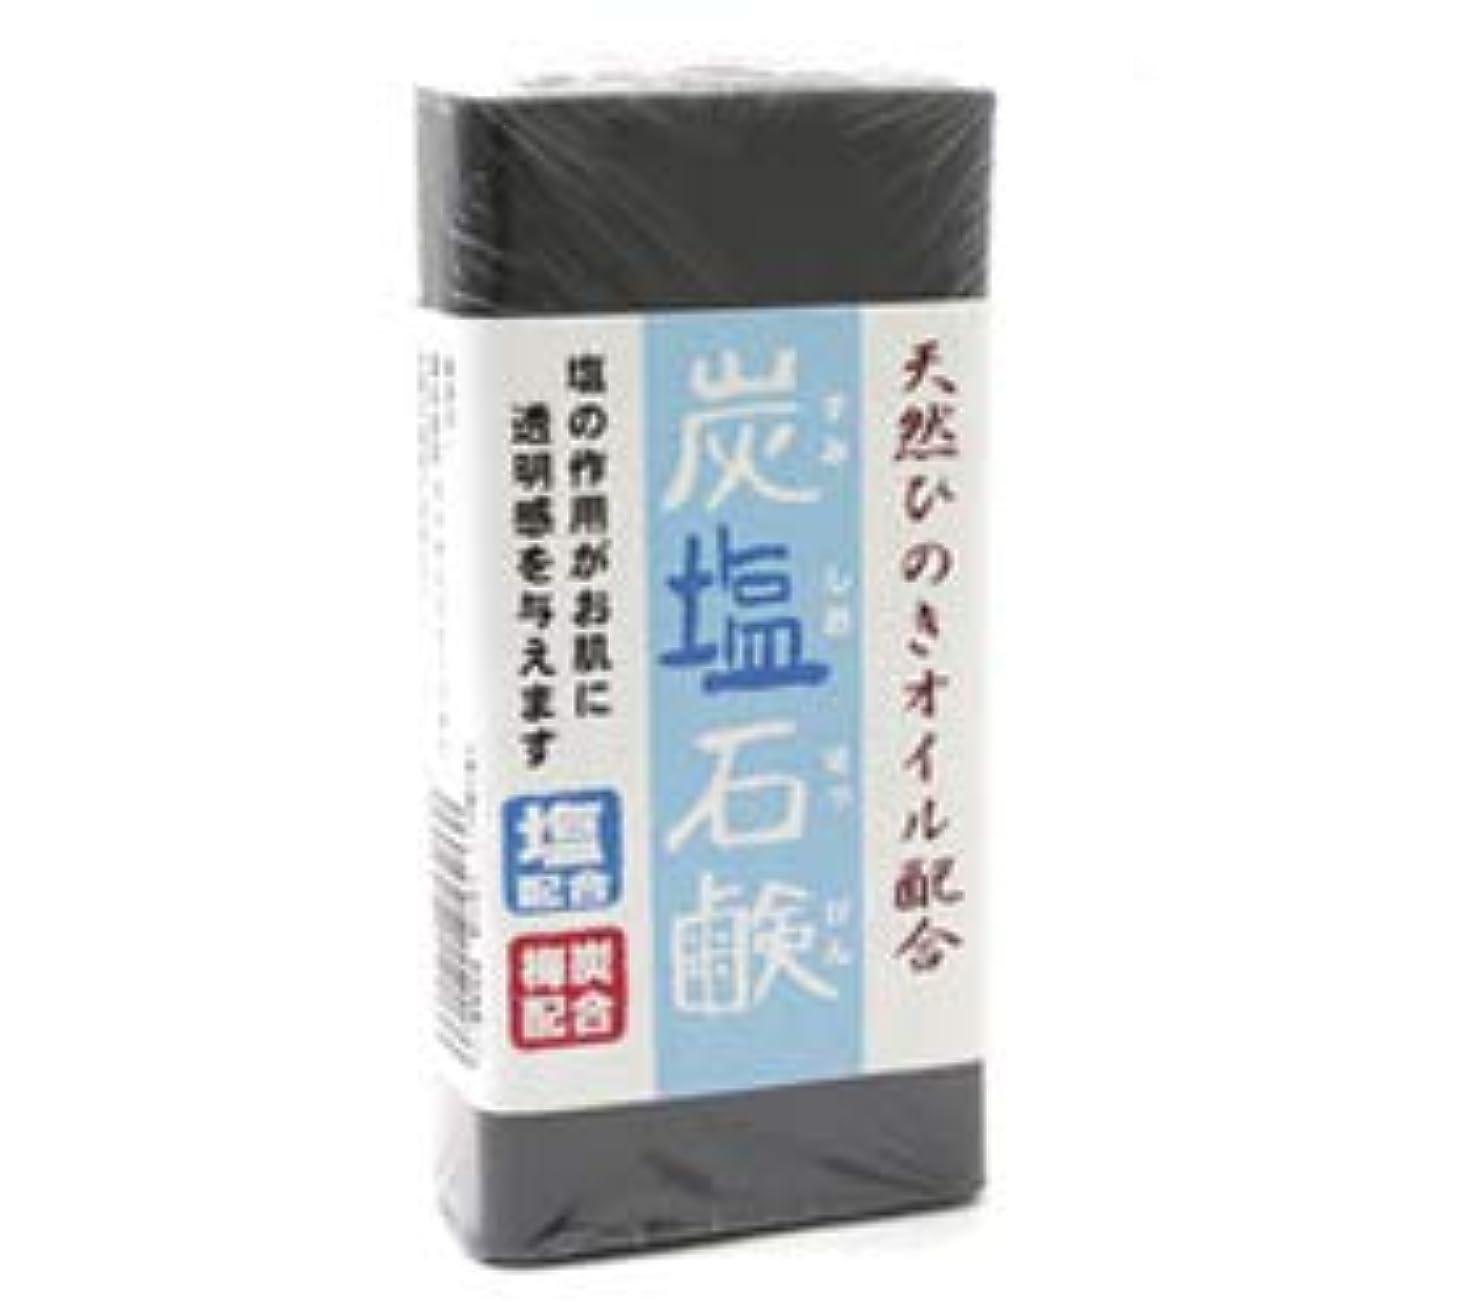 炭塩石鹸 ロングサイズ 【 天然ひのきオイル配合】